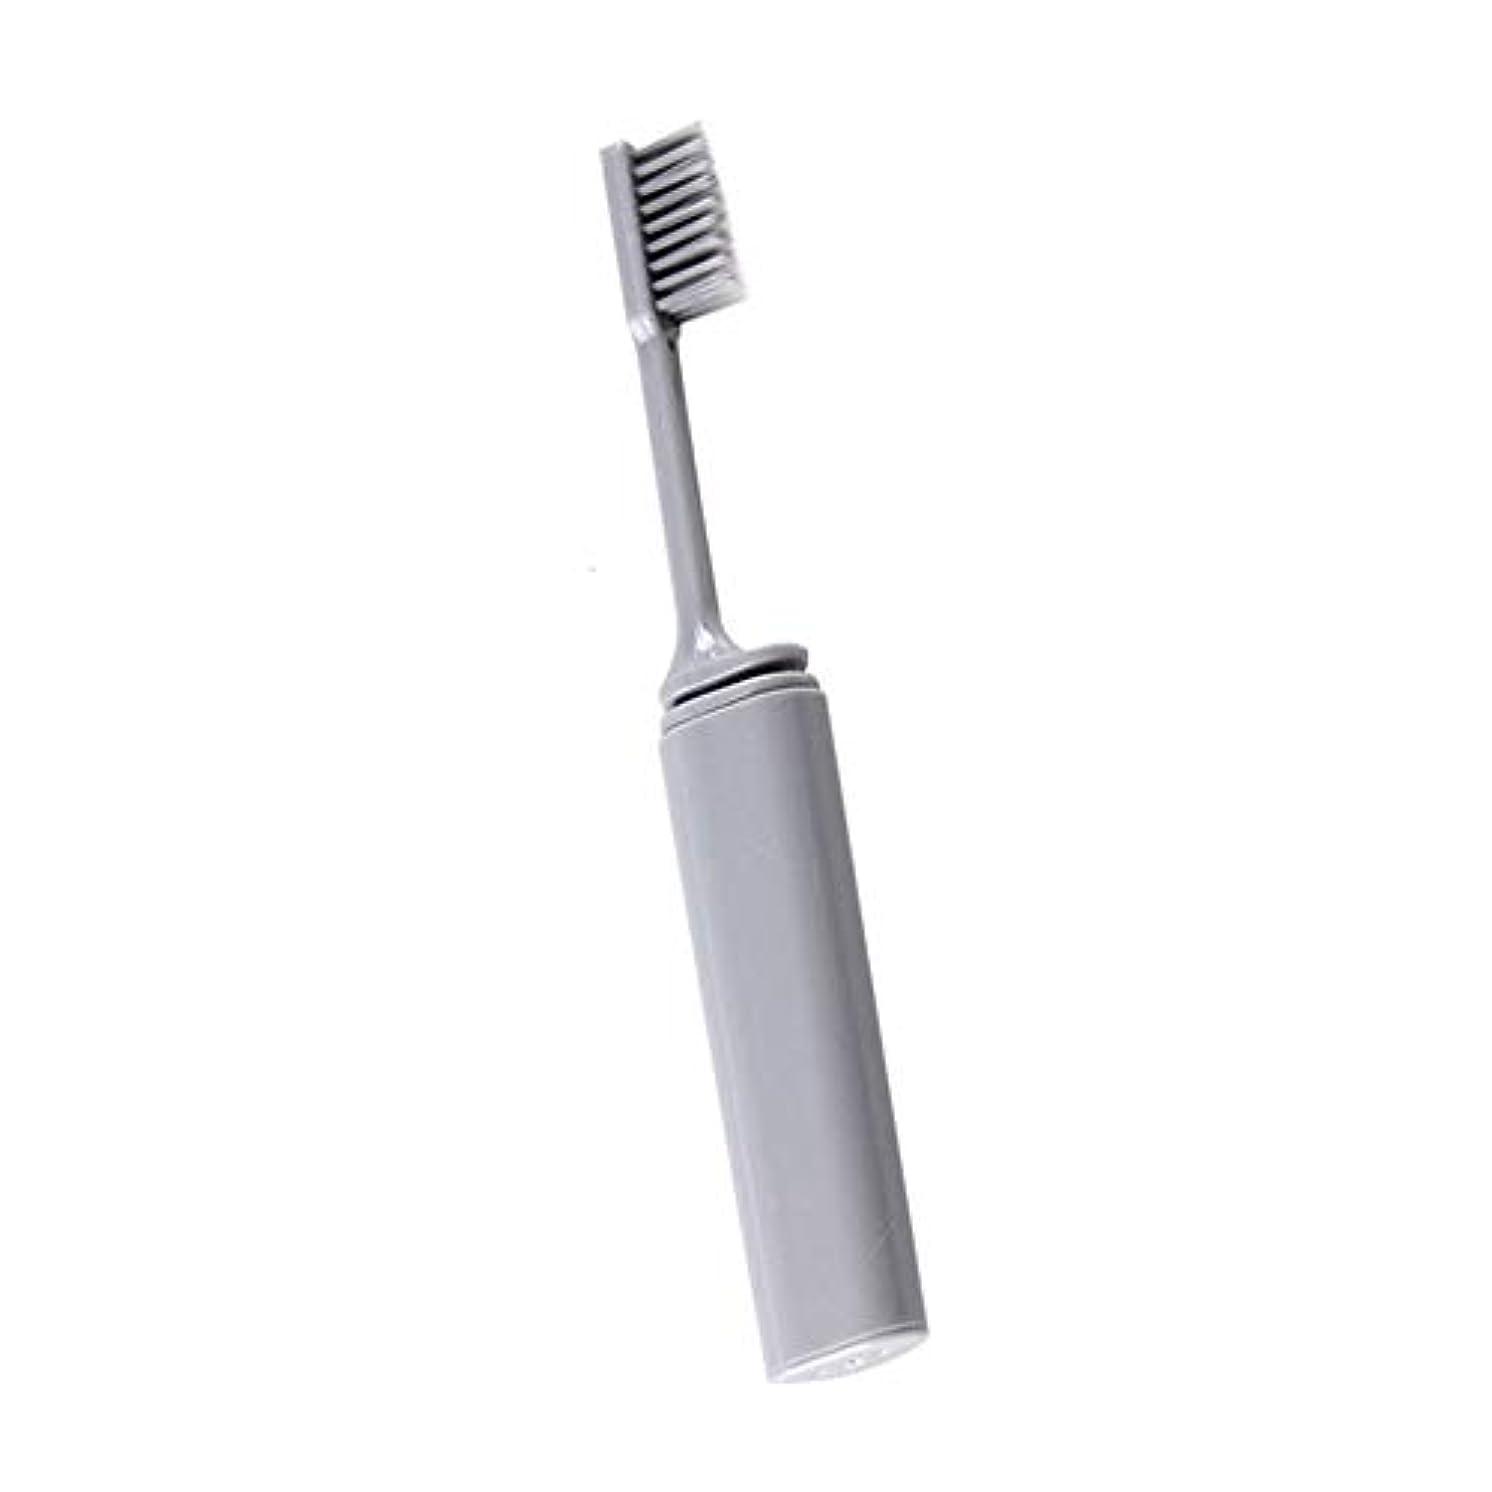 ダニ立方体王朝Onior 旅行歯ブラシ 折りたたみ歯ブラシ 携帯歯ブラシ 外出 旅行用品, ソフト コンパクト歯ブラシ 便利 折りたたみ 耐久性 携帯用 灰色